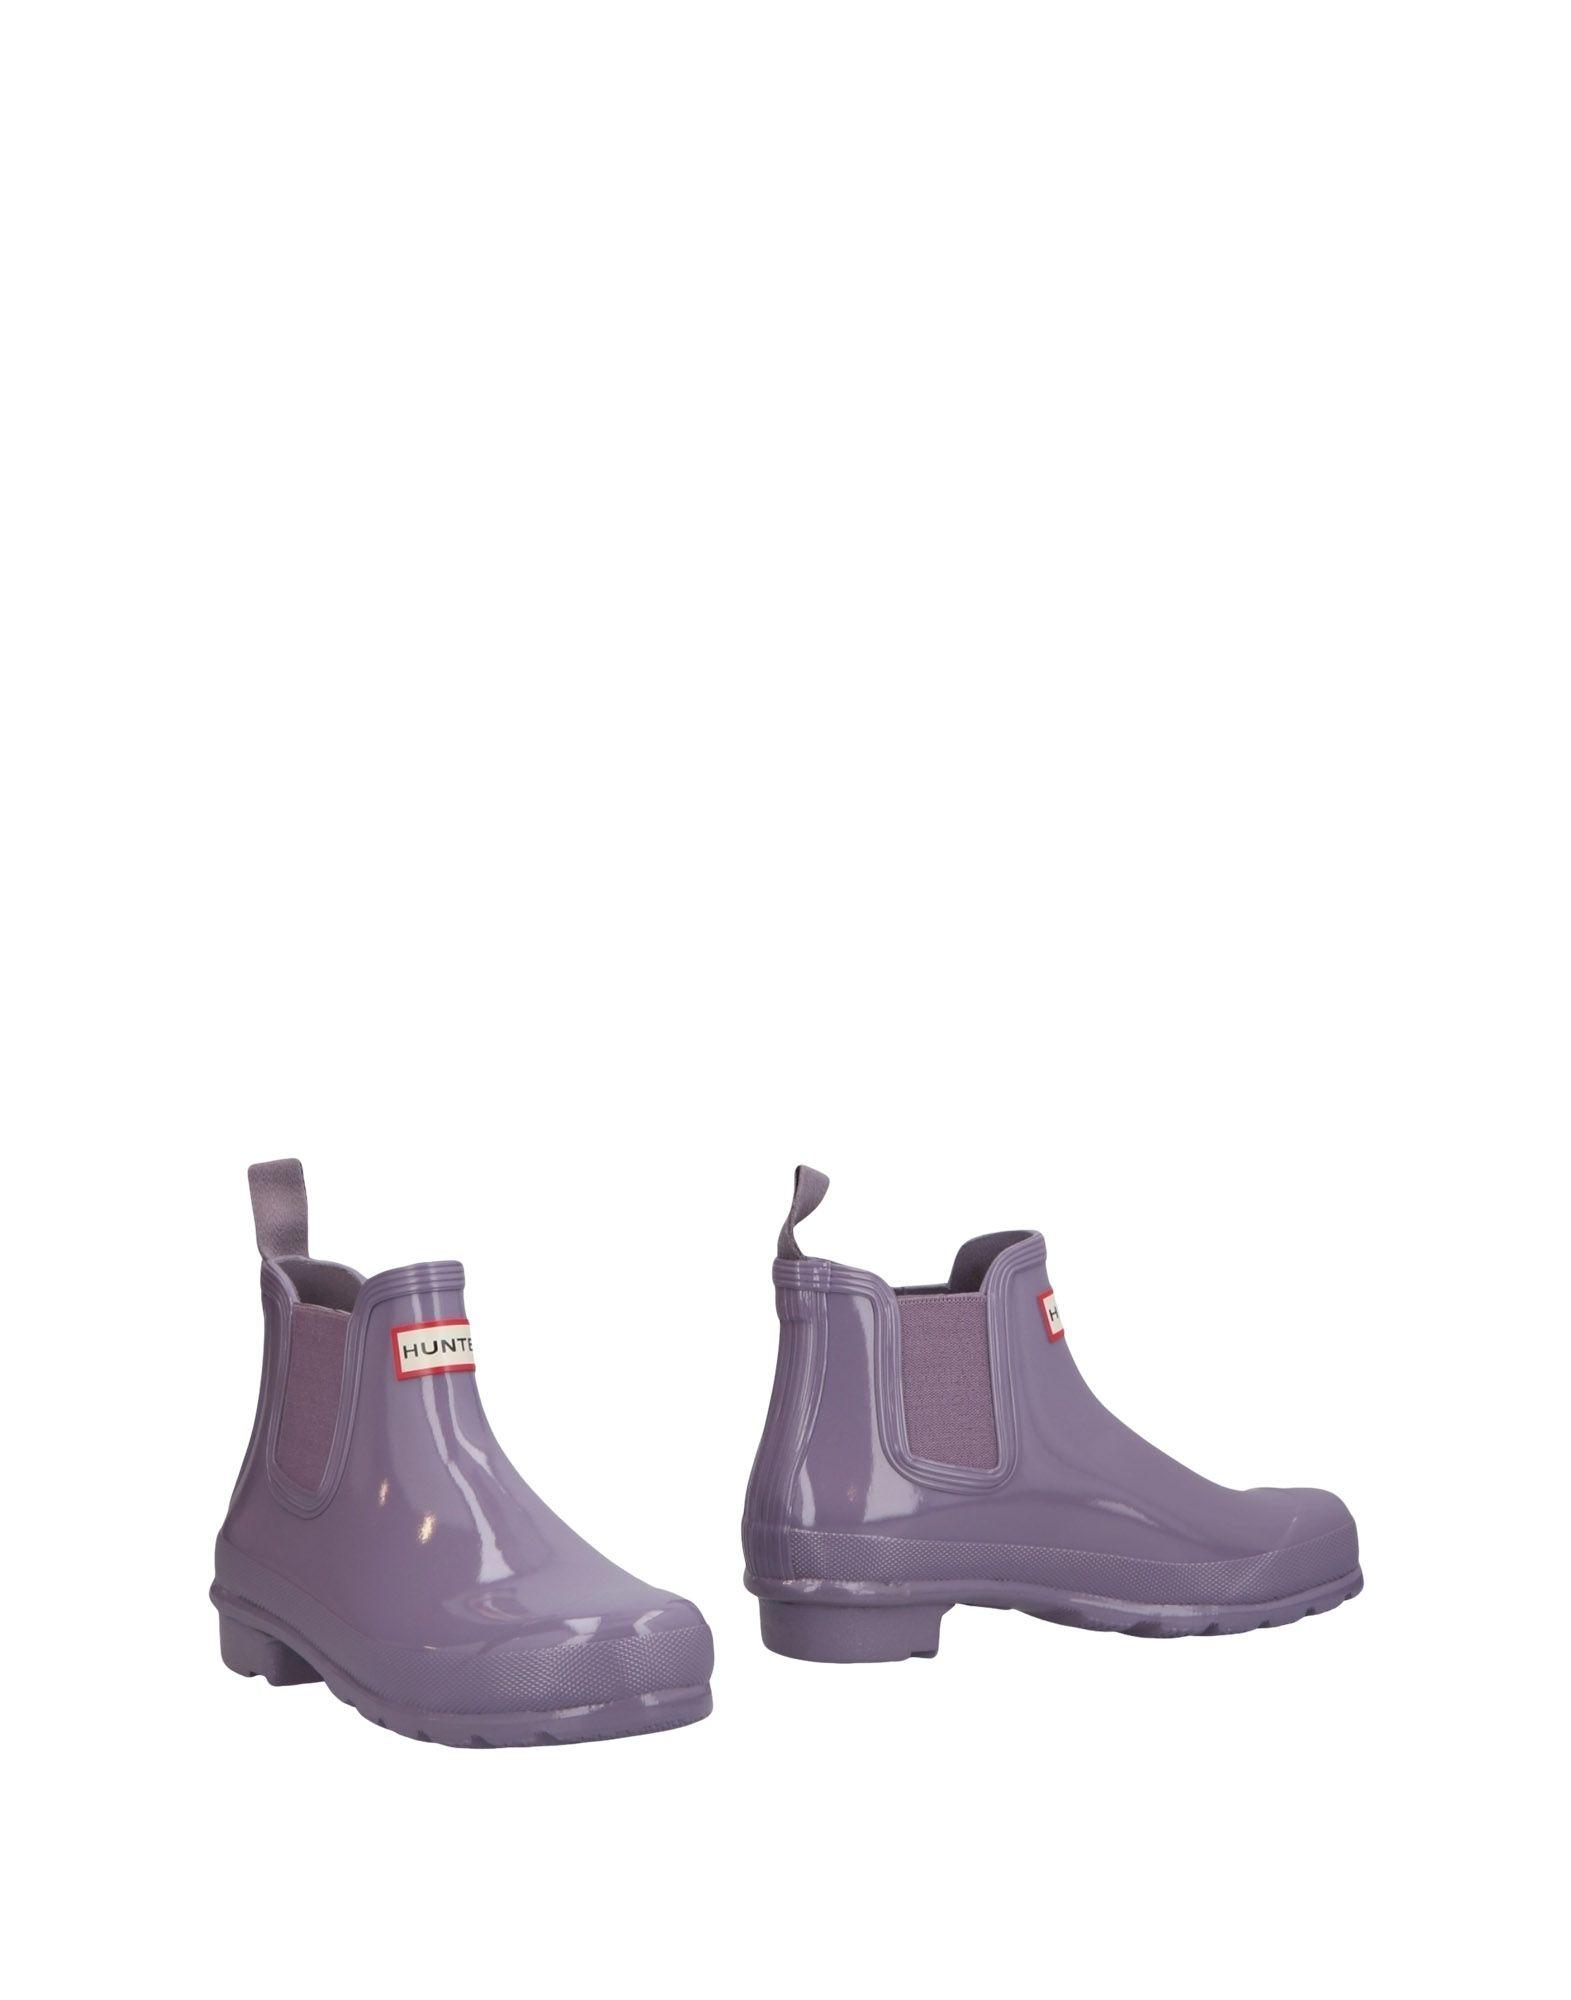 Hunter Stiefelette Damen  11293414OB Gute Qualität beliebte Schuhe